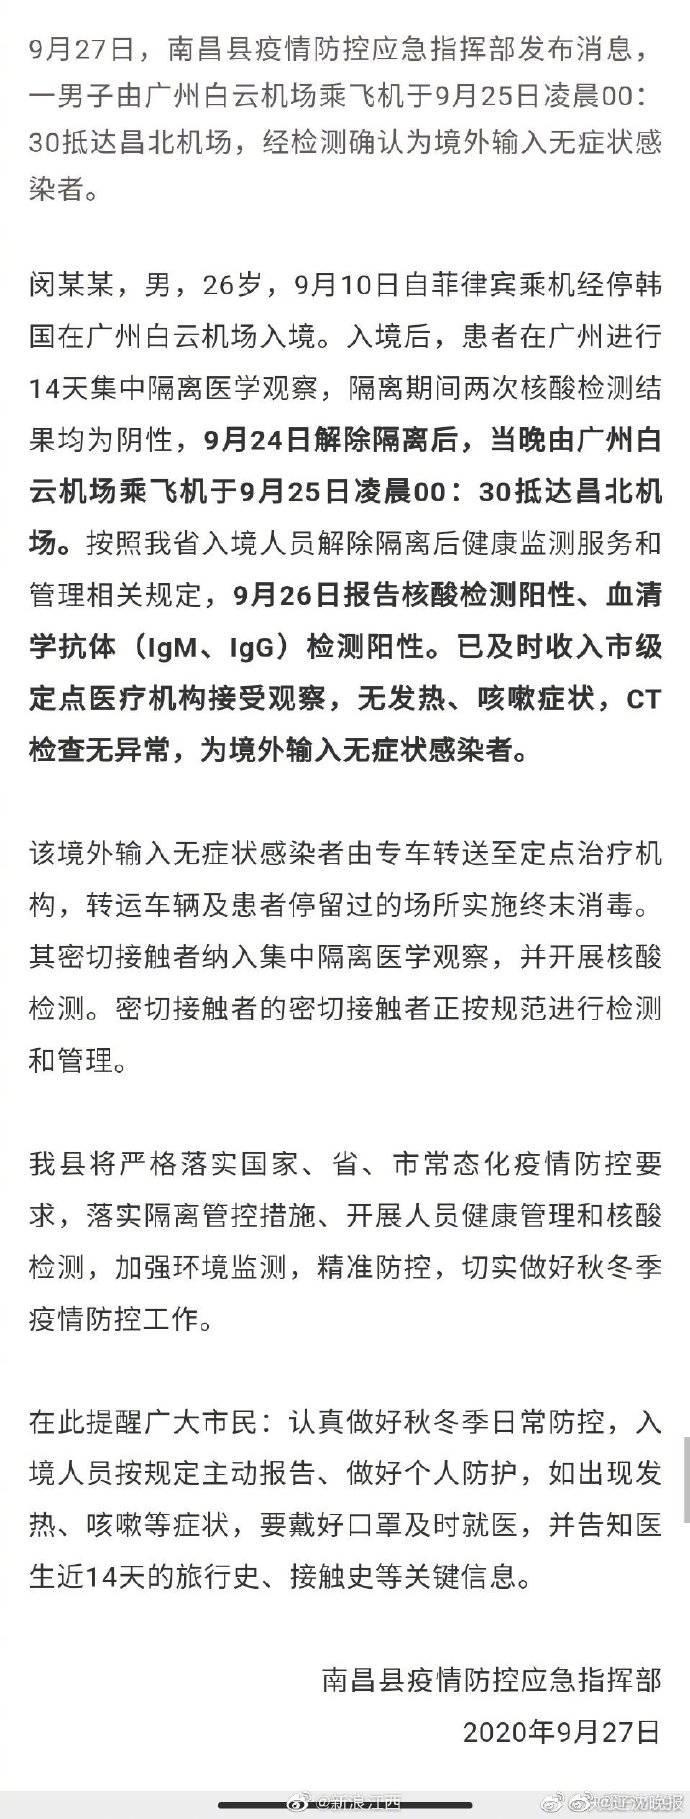 南昌新冠肺炎疫情最新消息:南昌新增1例无症状感染